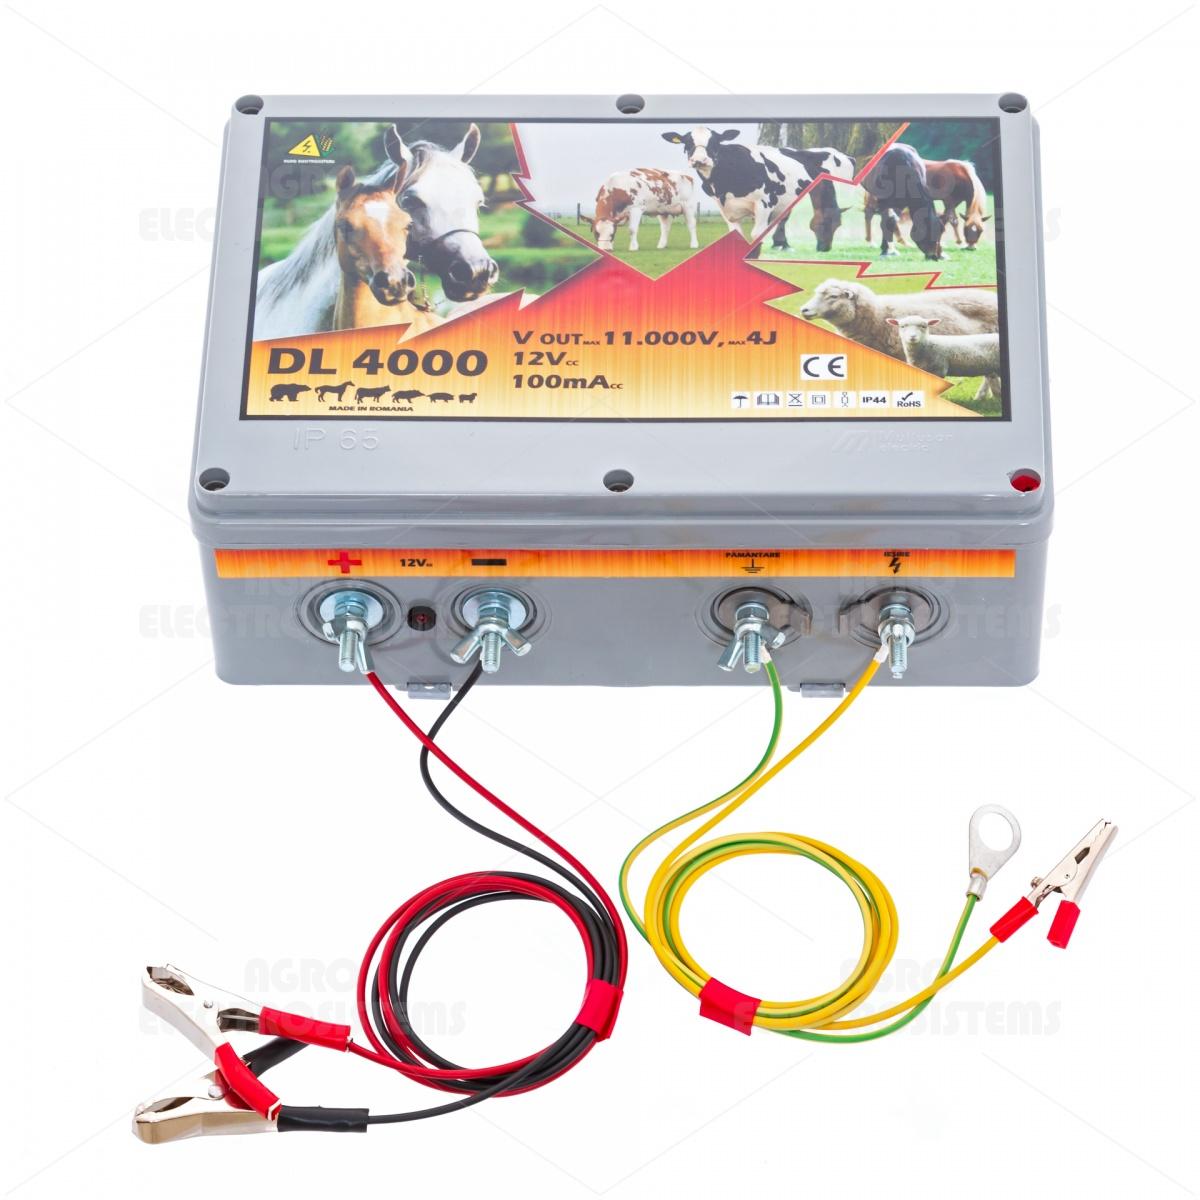 DL4000 villanypásztor készülék